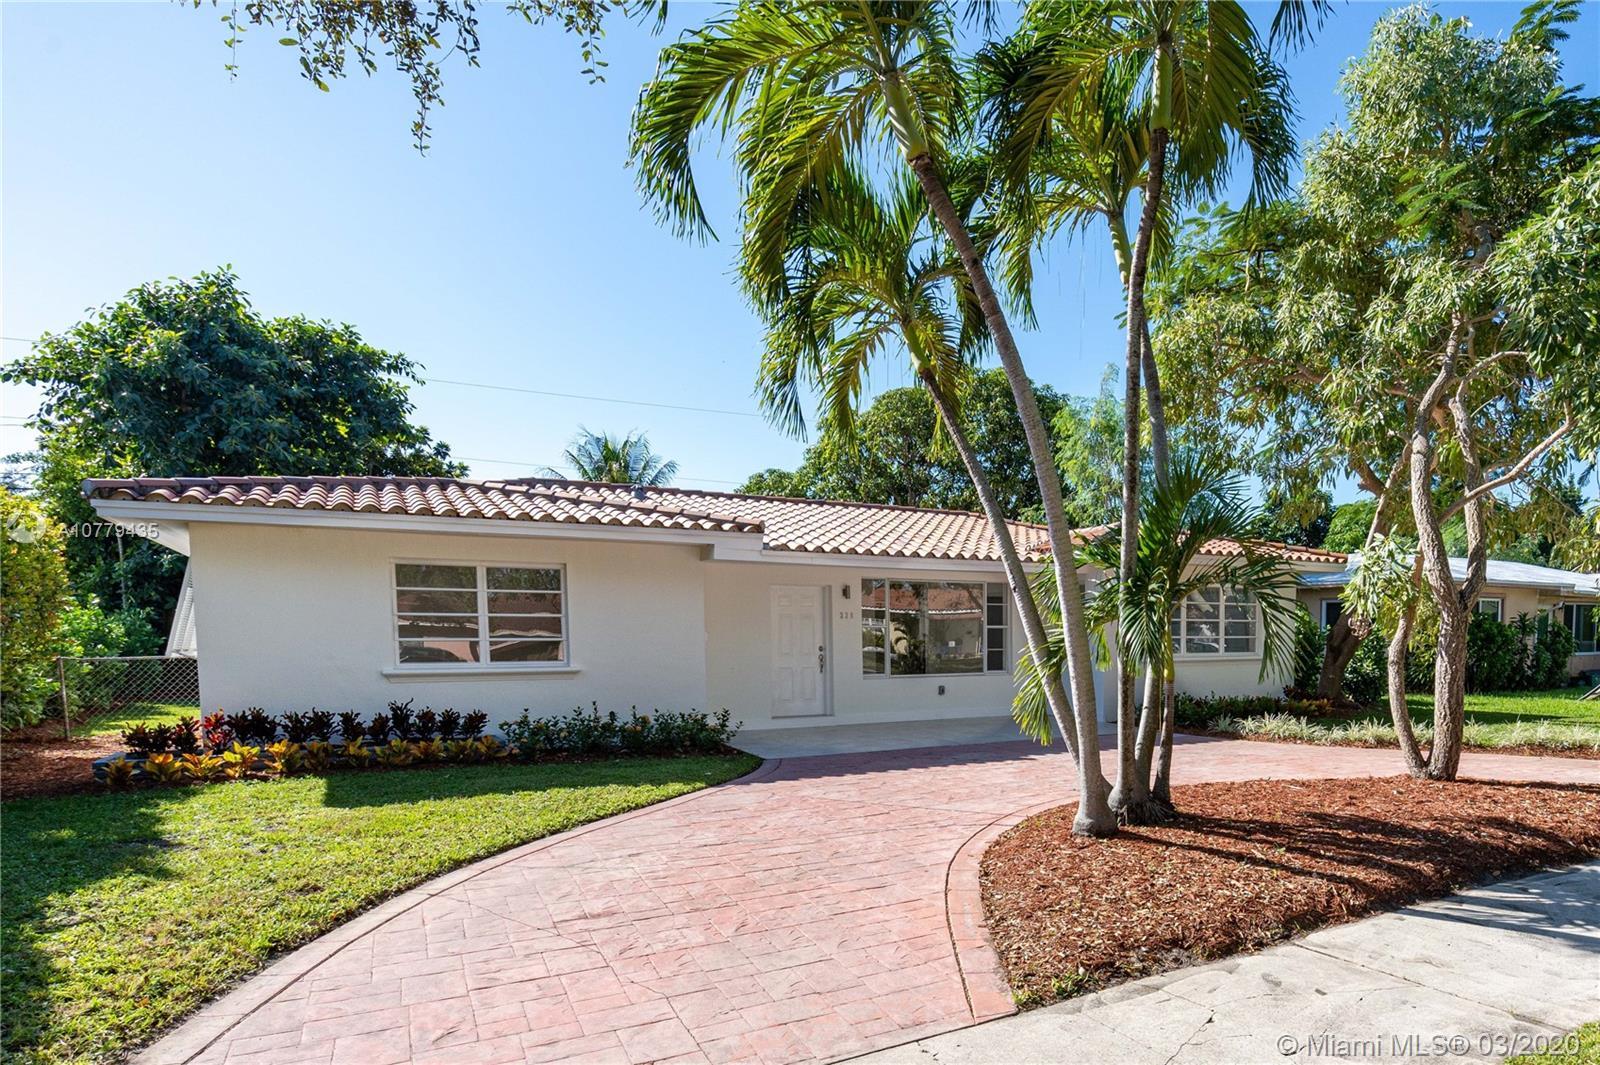 338 NW 111th Ter, Miami Shores, FL 33168